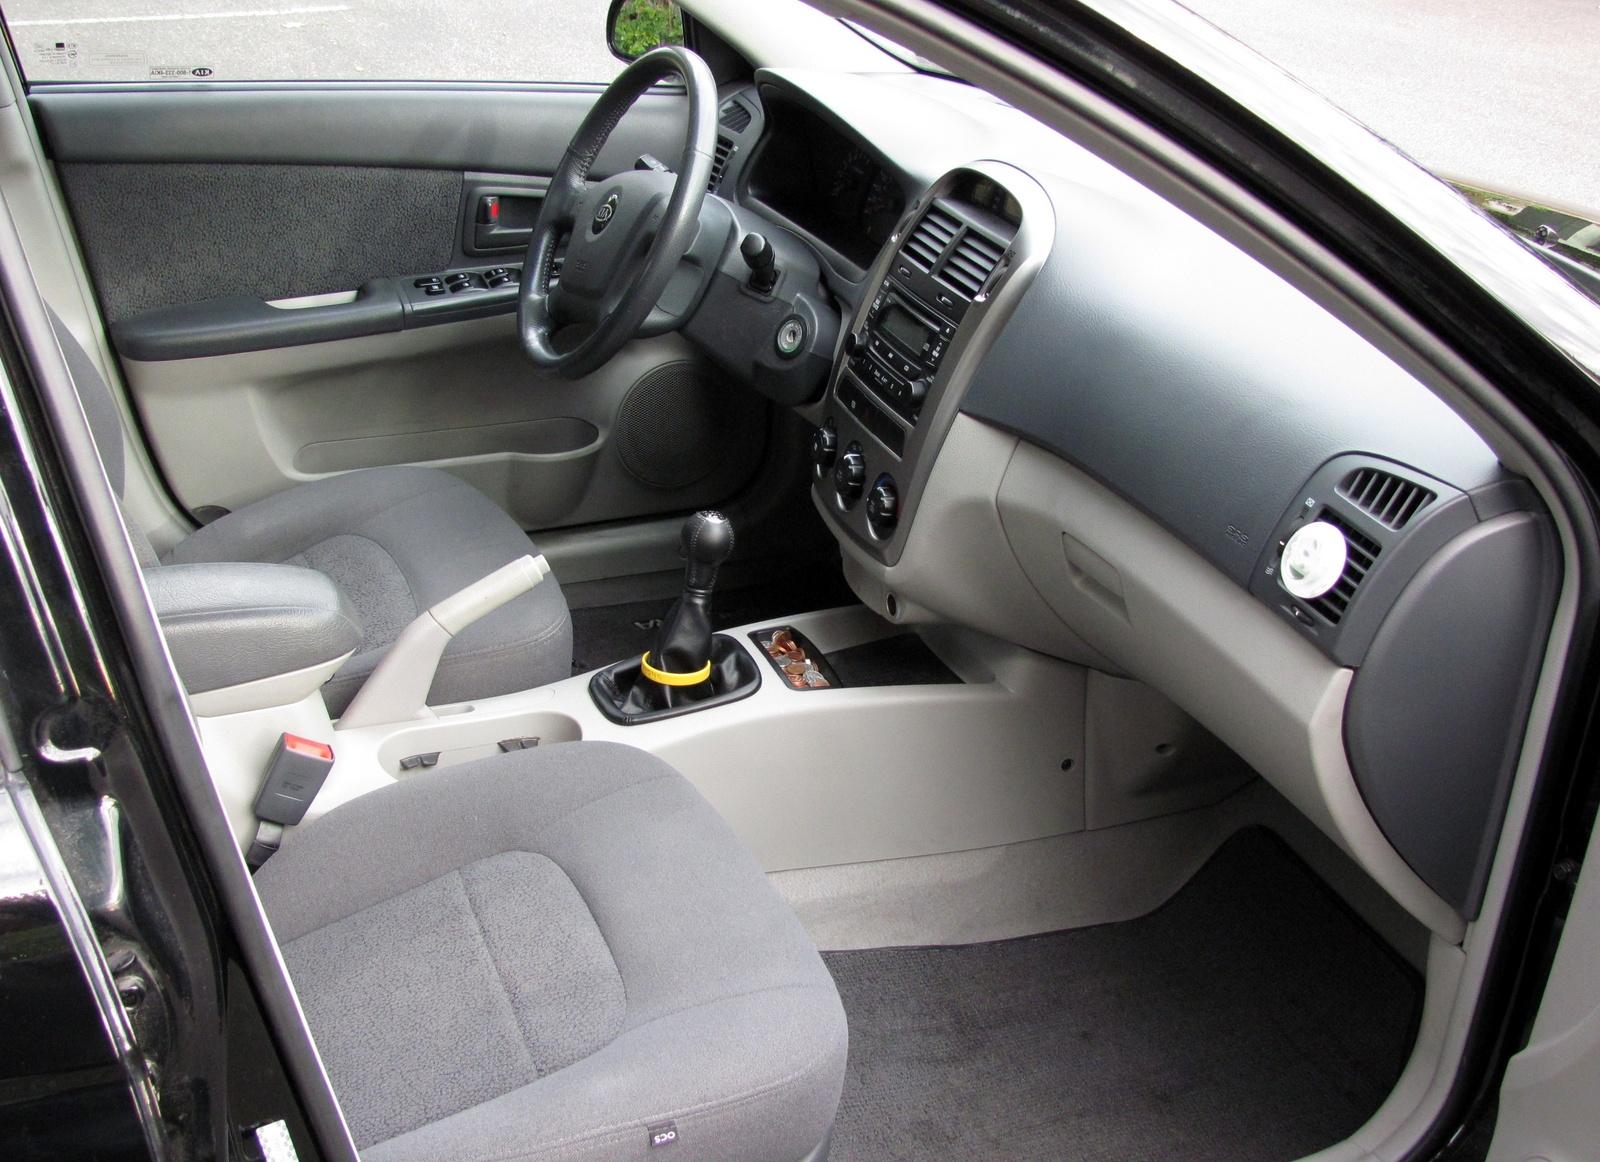 Kia Spectra II 2004 - 2008 Hatchback 5 door #4